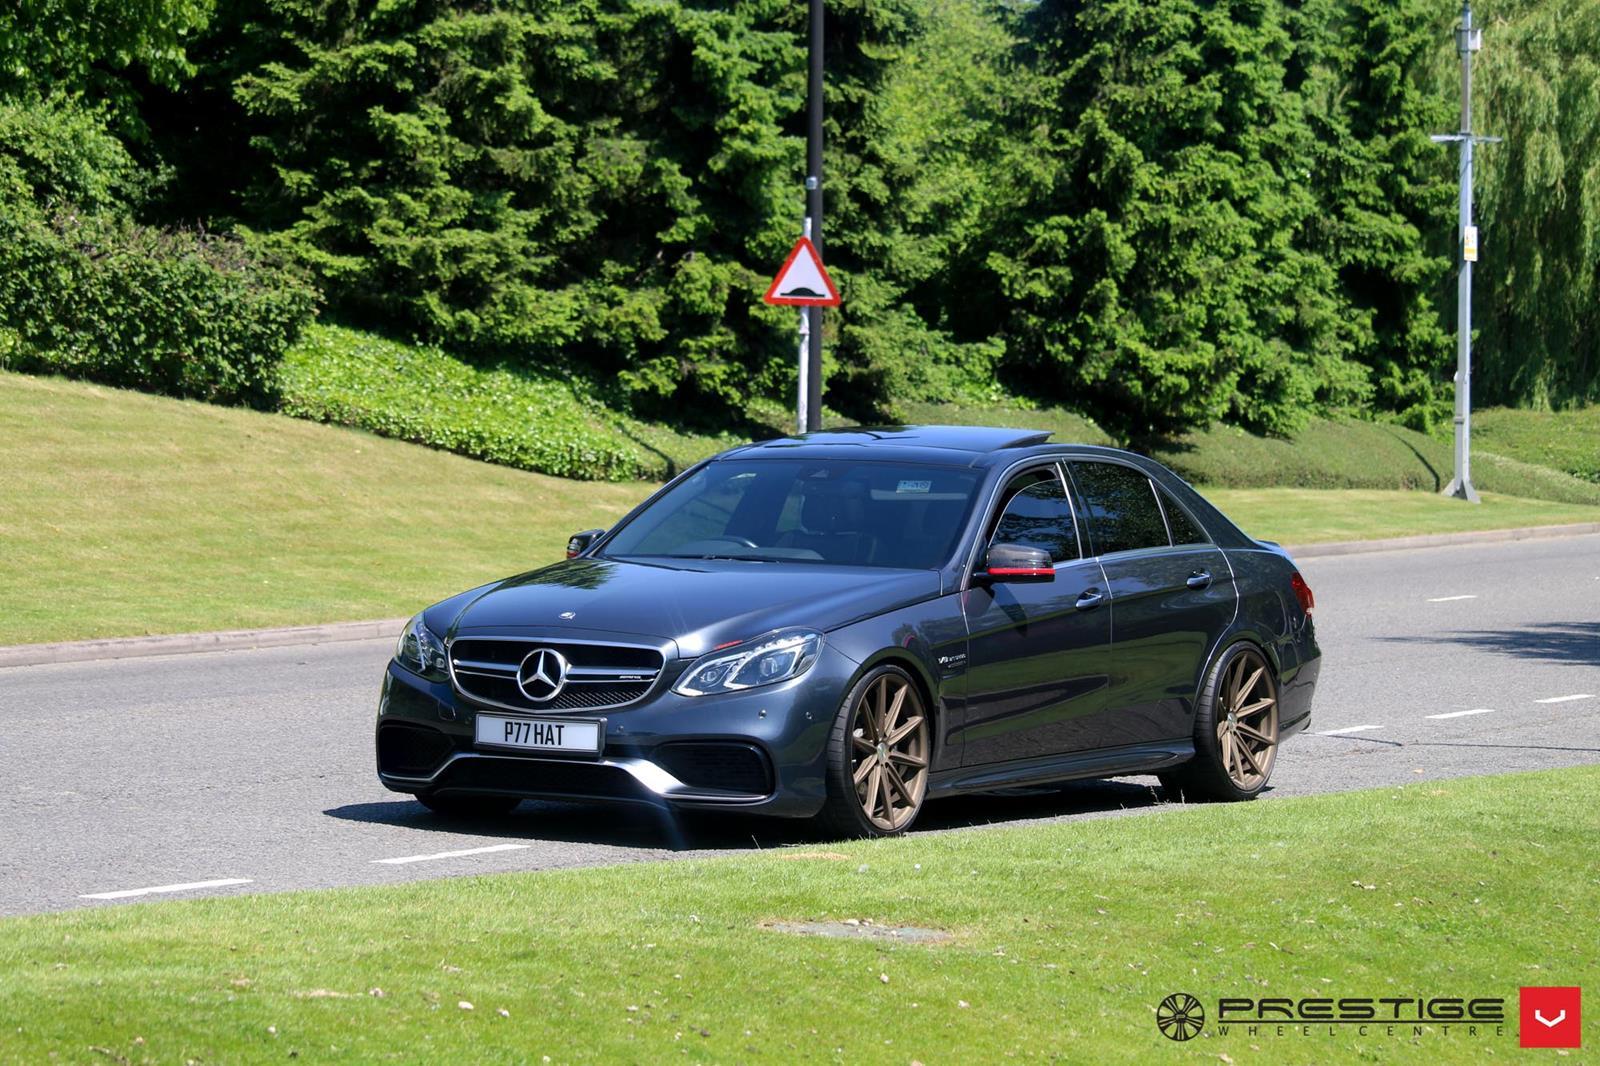 Mercedes Benz W212 E63 Amg On Vossen Vfs10 Wheels Benztuning